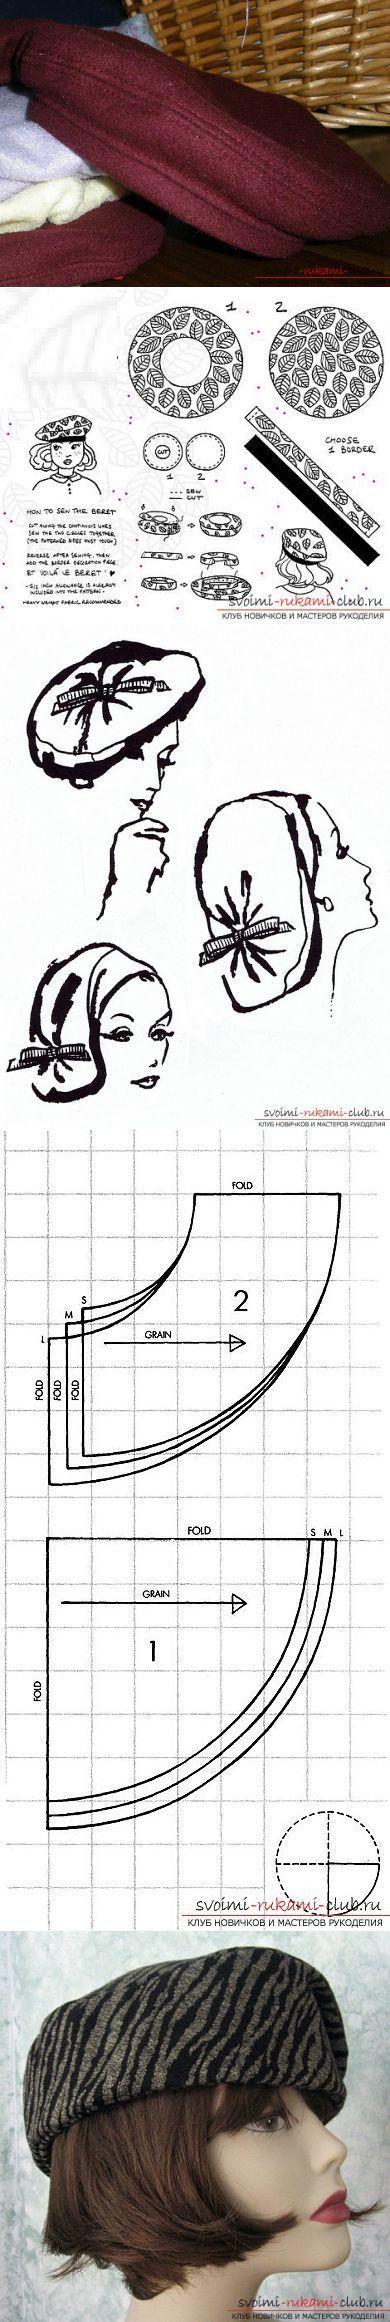 Выкройка берета - создай образ стильной барышни, которая обладает вку� | Sewing _ clothes _ patterns_Шитье_Одежда_Выкройки | Постила